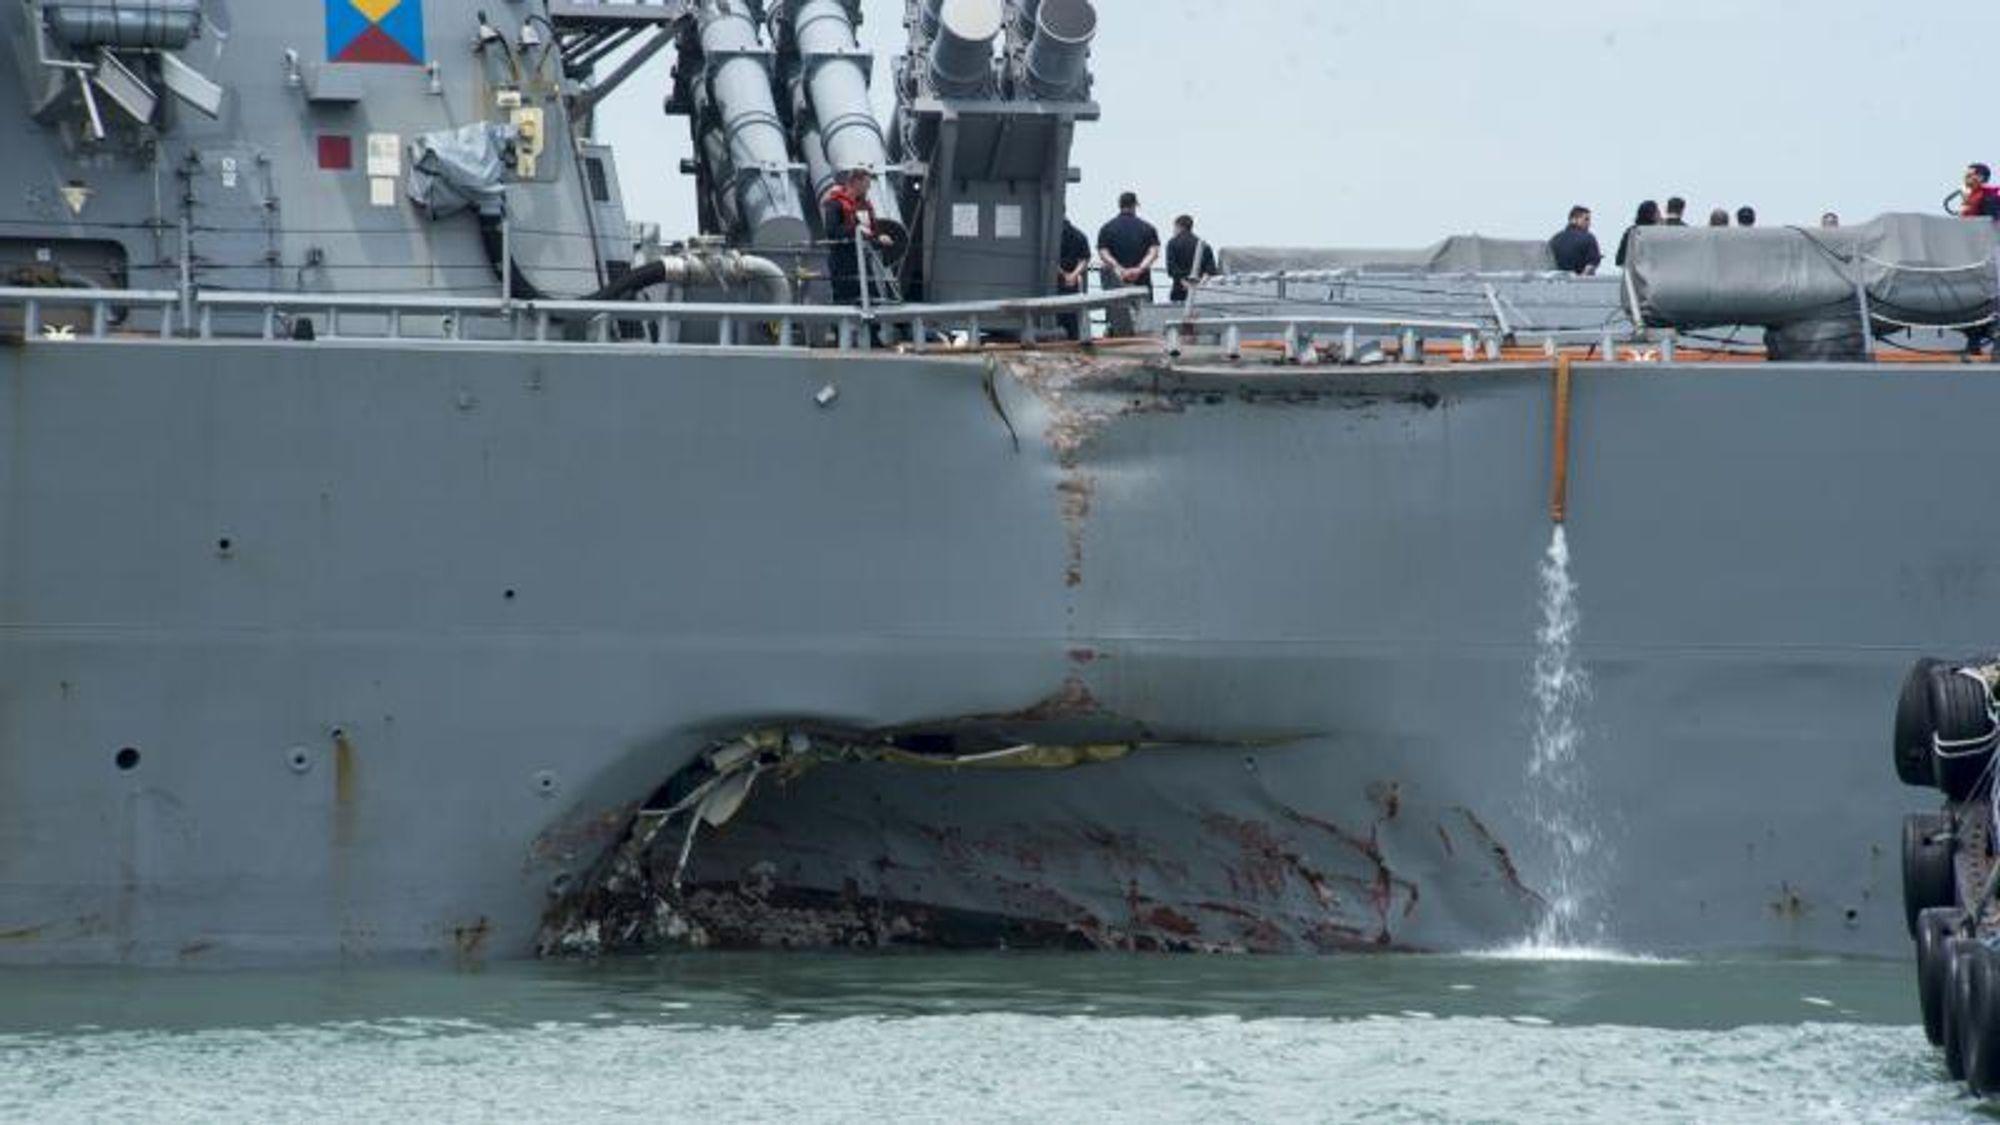 USS McCains kolliderte med et handelsskip 21. august 2017. Kollisjonen kostet ti sjøfolk livet. The National Transportation Safety Board konkluderte med at rotårsaken var marinens manglende oversikt som førte til utilstrekkelig opplæring og for dårlige operasjonsprosedyrer på broen.